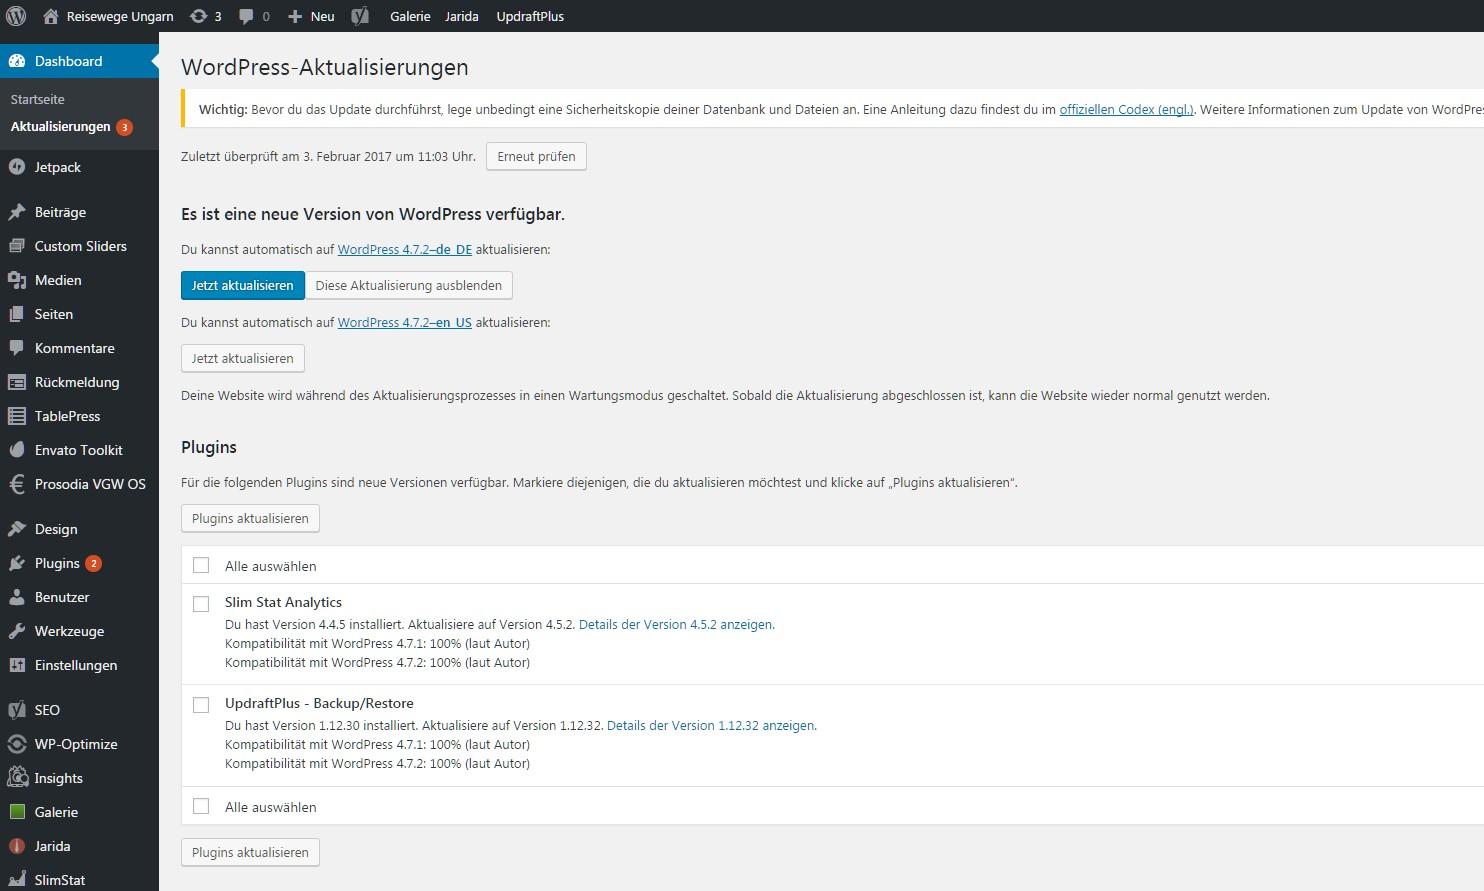 Wordpress: anstehende Aktualisierungen